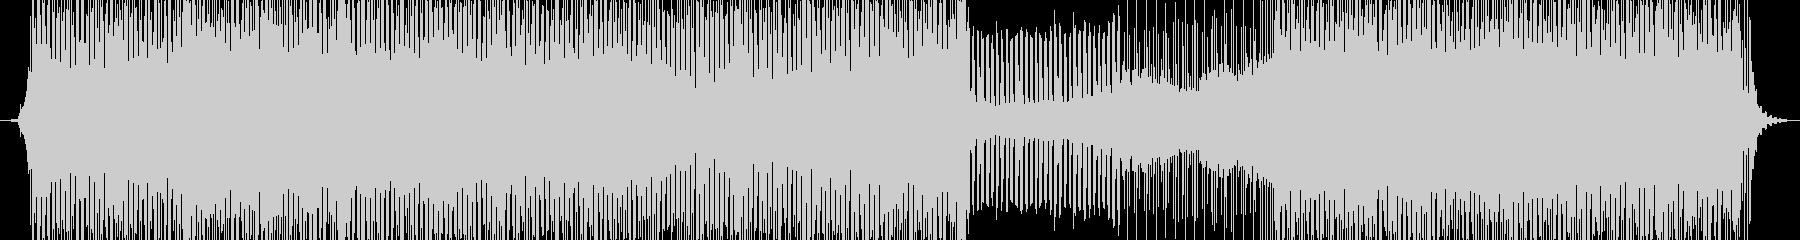 レトロなディスコとモダンなダンスポップの未再生の波形